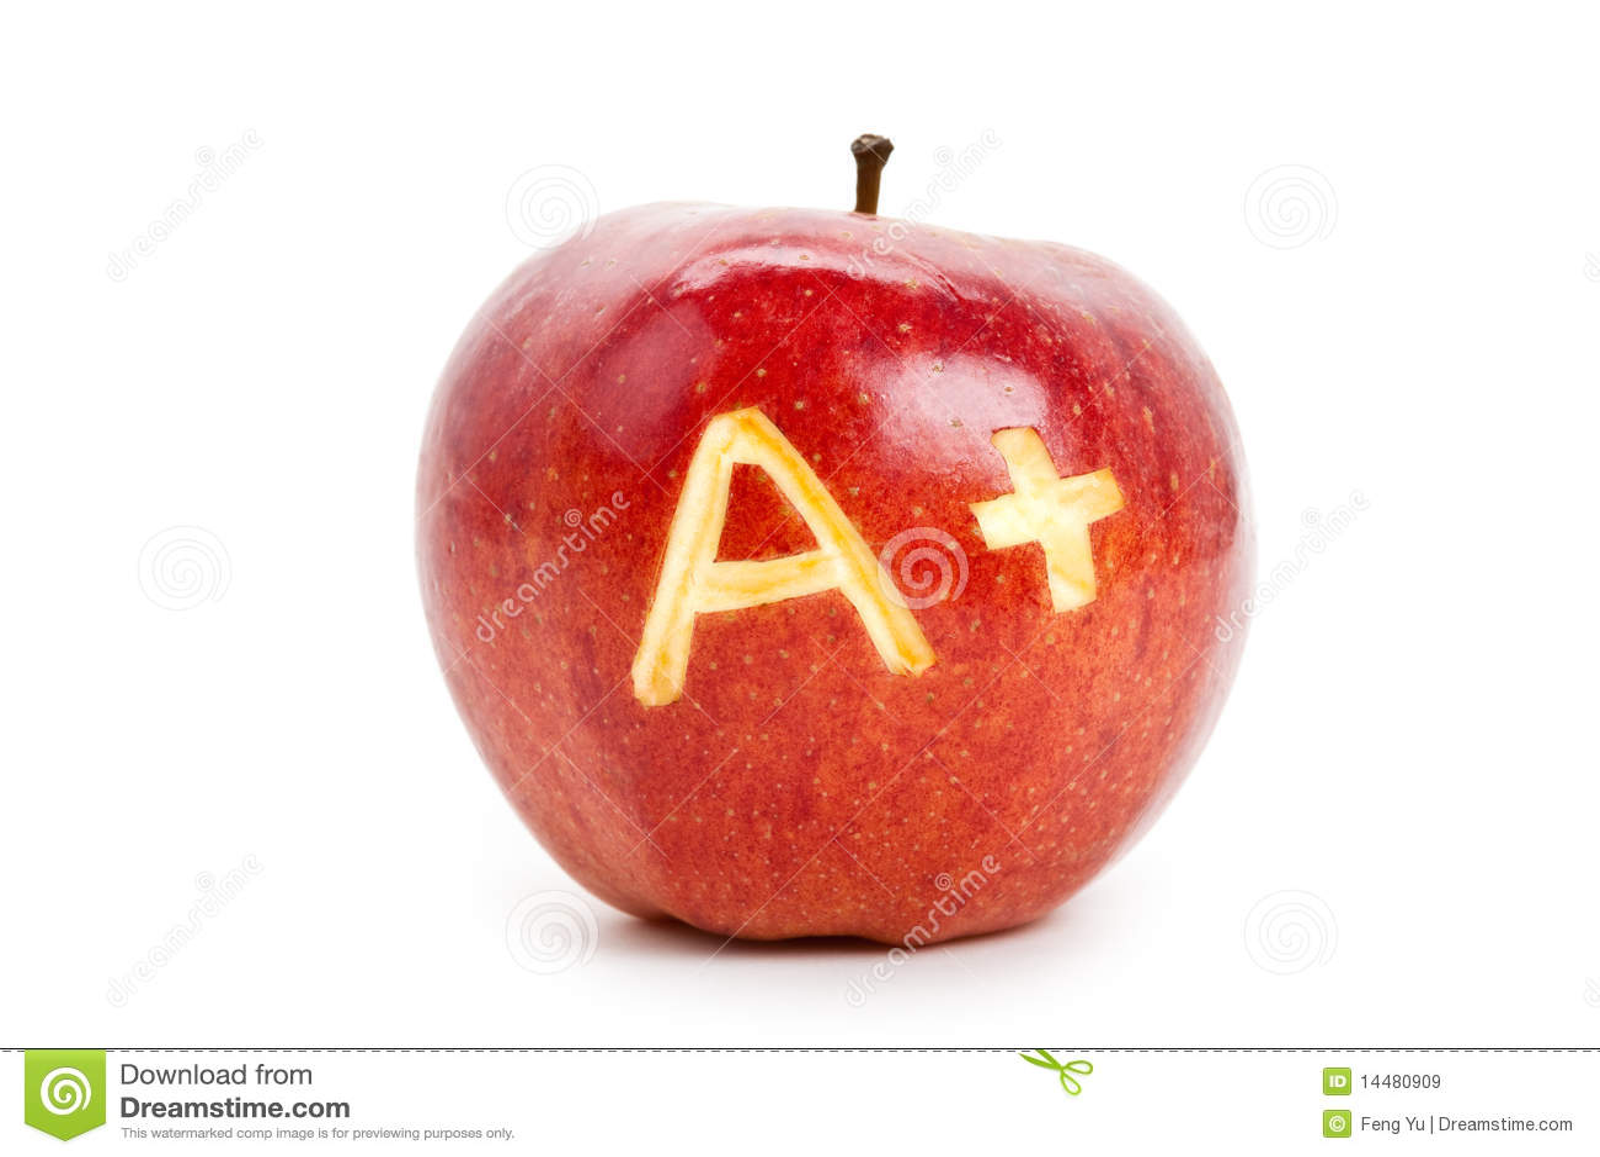 Manzana roja y un signo más